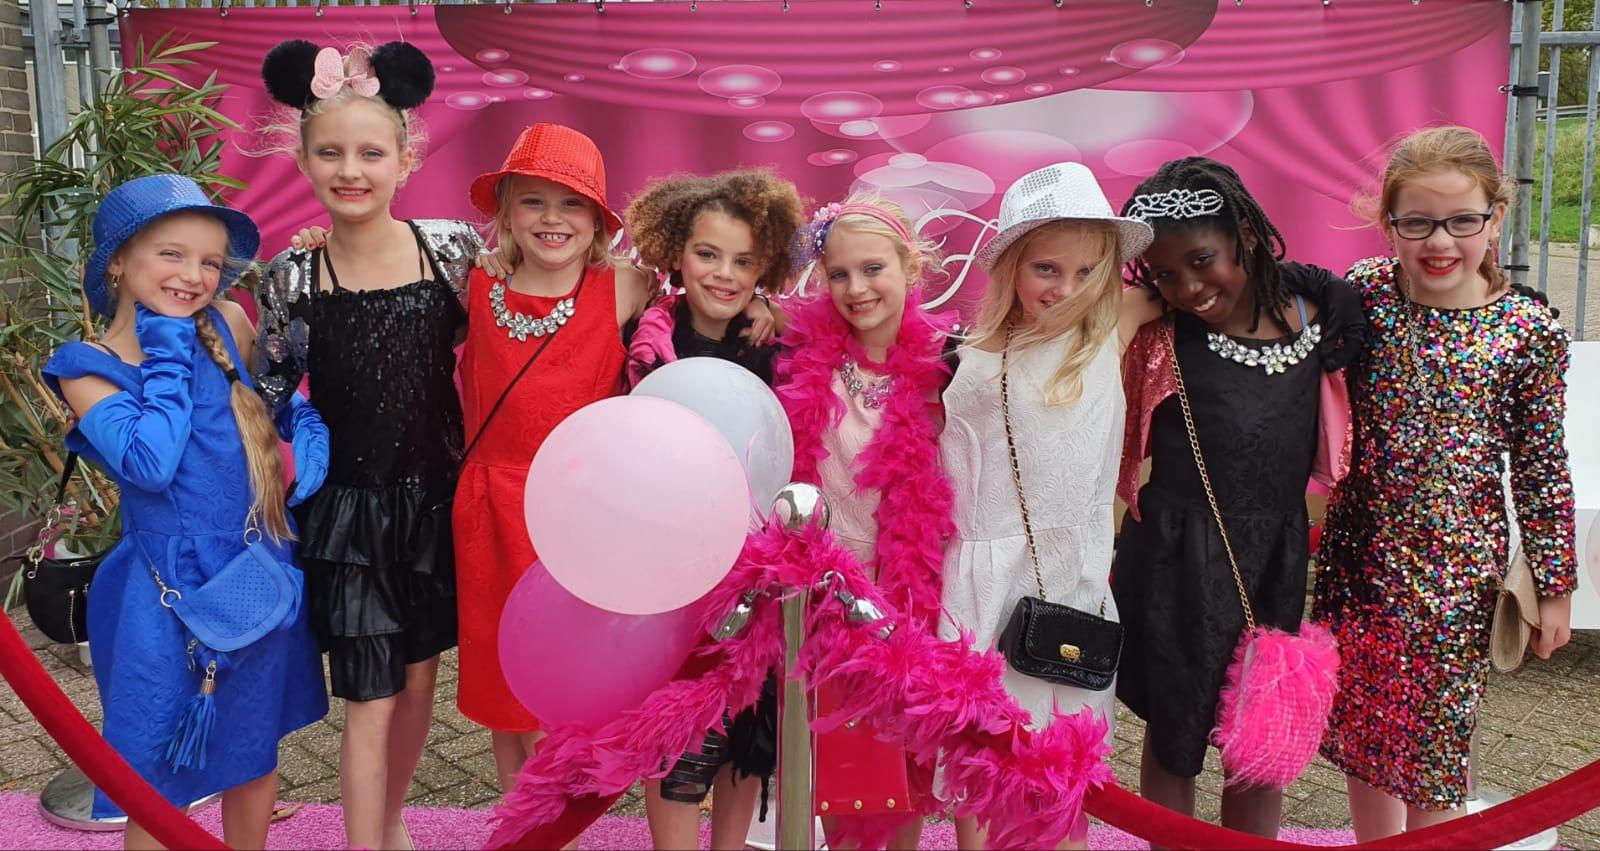 leuke kinderfeestjes voor meiden fho44 agbc